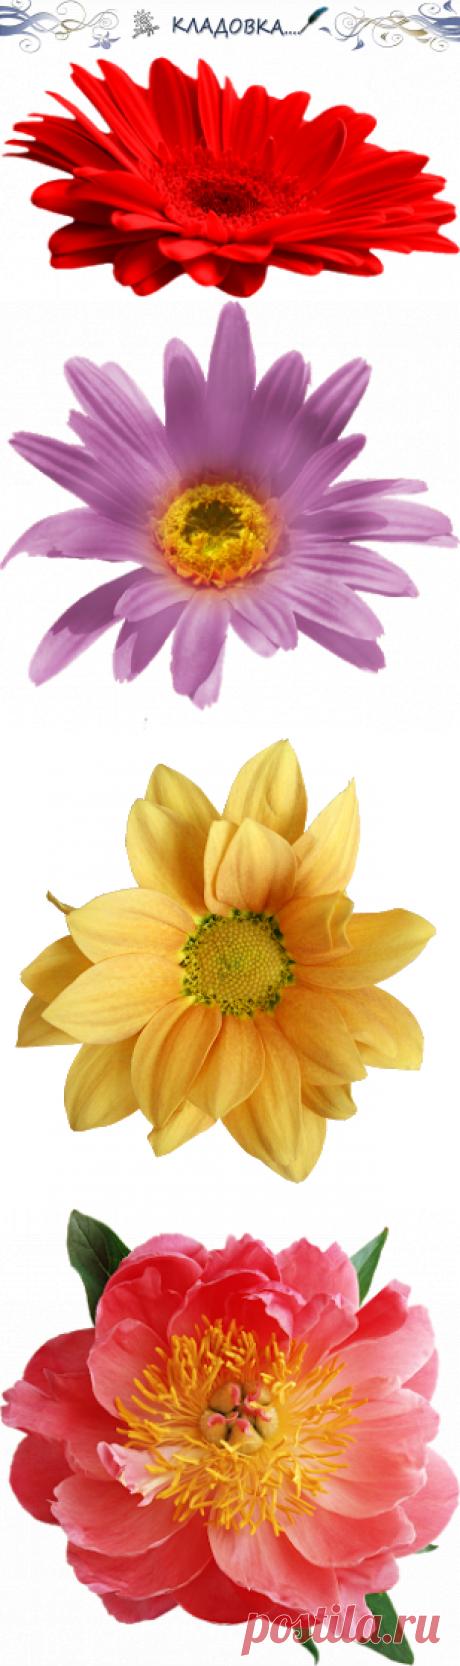 Кладовка...: Цветы - одиночные - на прозрачном фоне